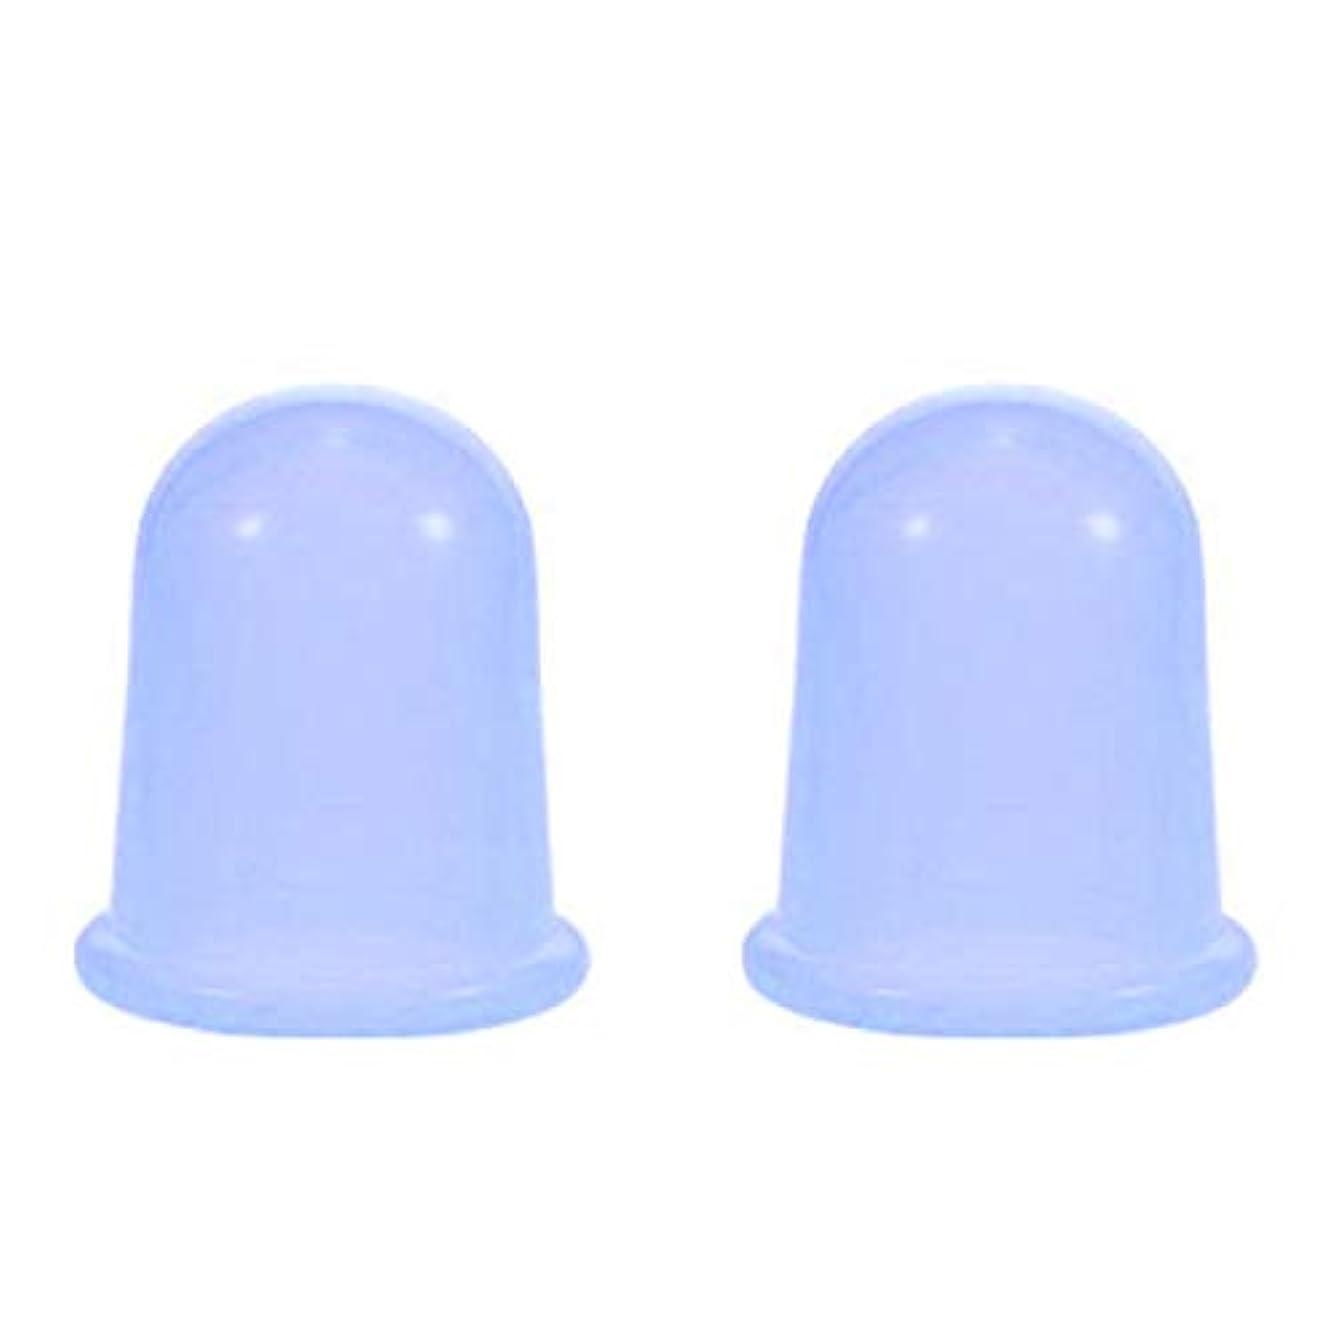 予防接種するグリーンランド思春期のスライドカッピング シリコンカップ 2個セット ブルー ボディ 身体用 吸い玉 自宅 セルフケア 【スリムバーン】